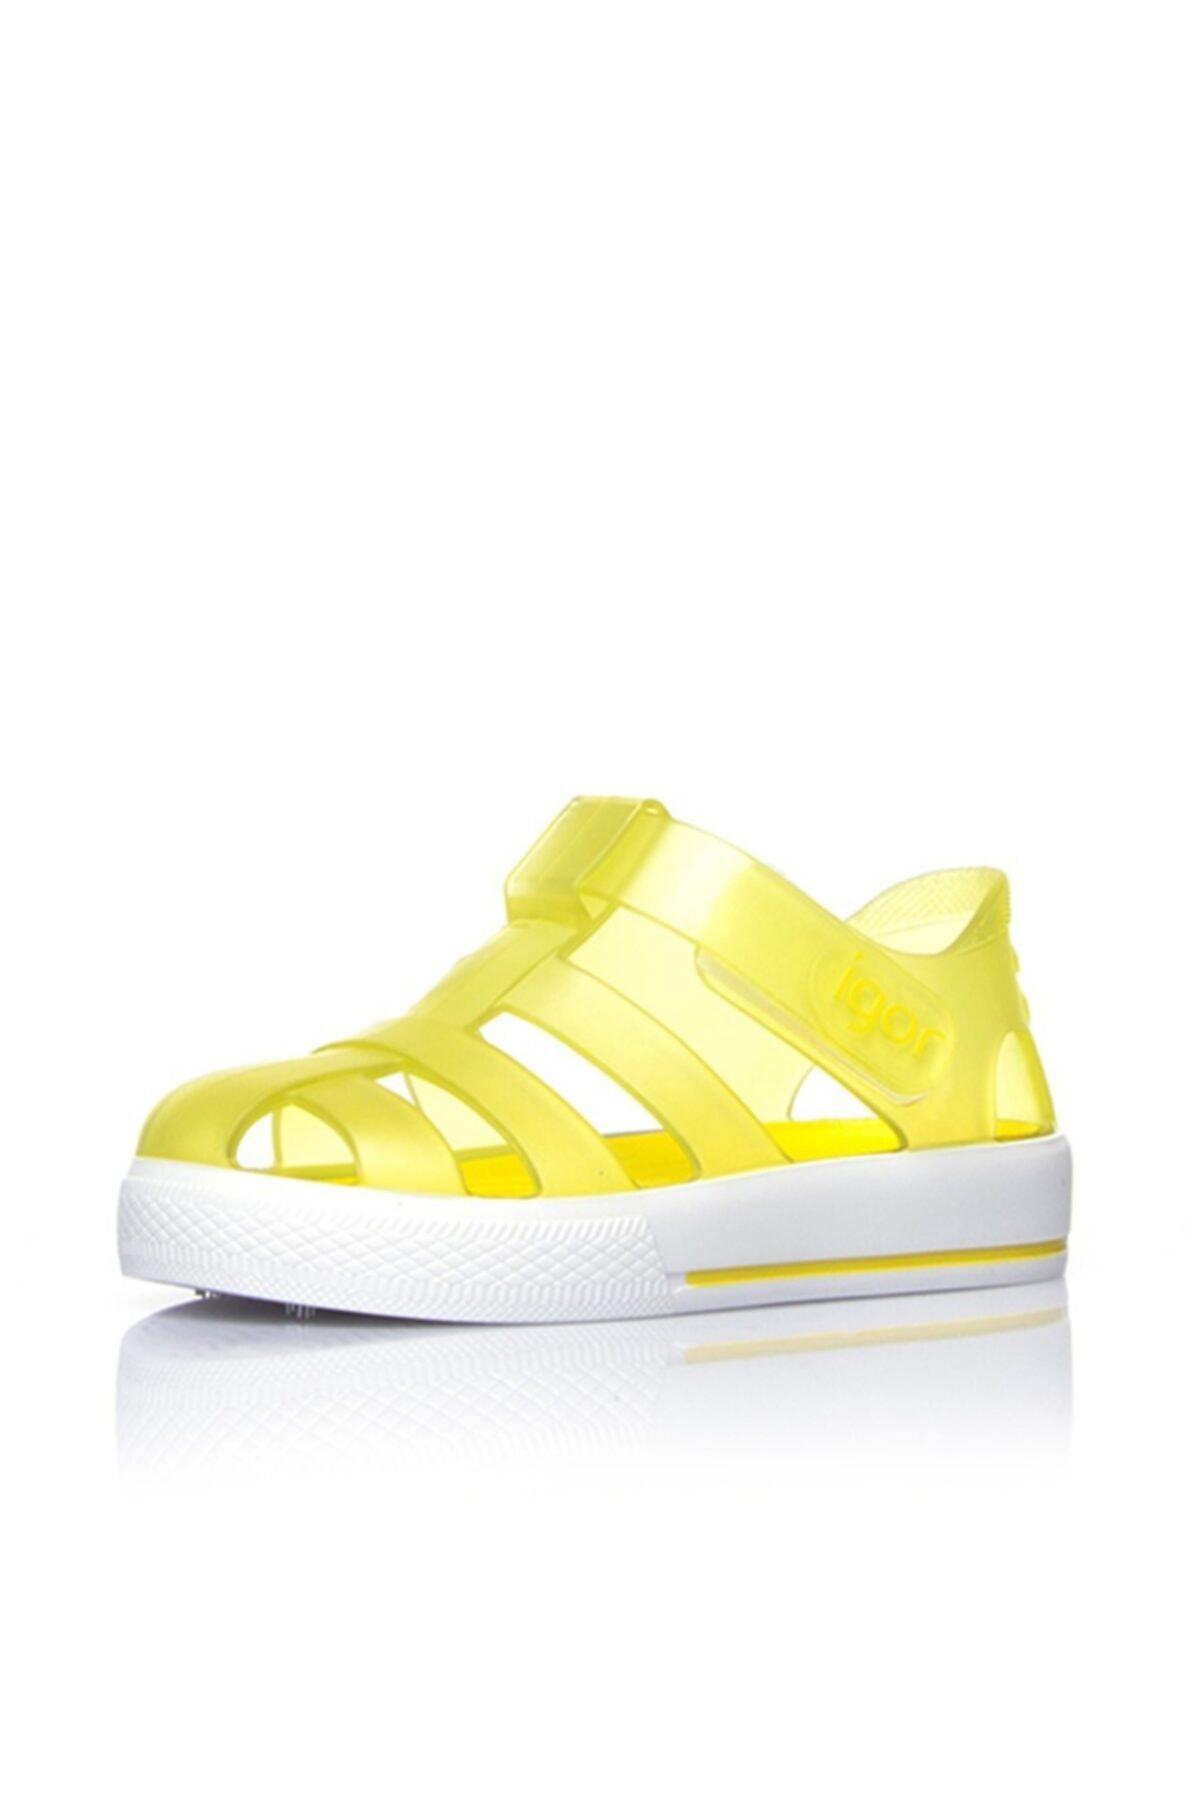 IGOR Yazlık Çocuk Star Sandalet 2